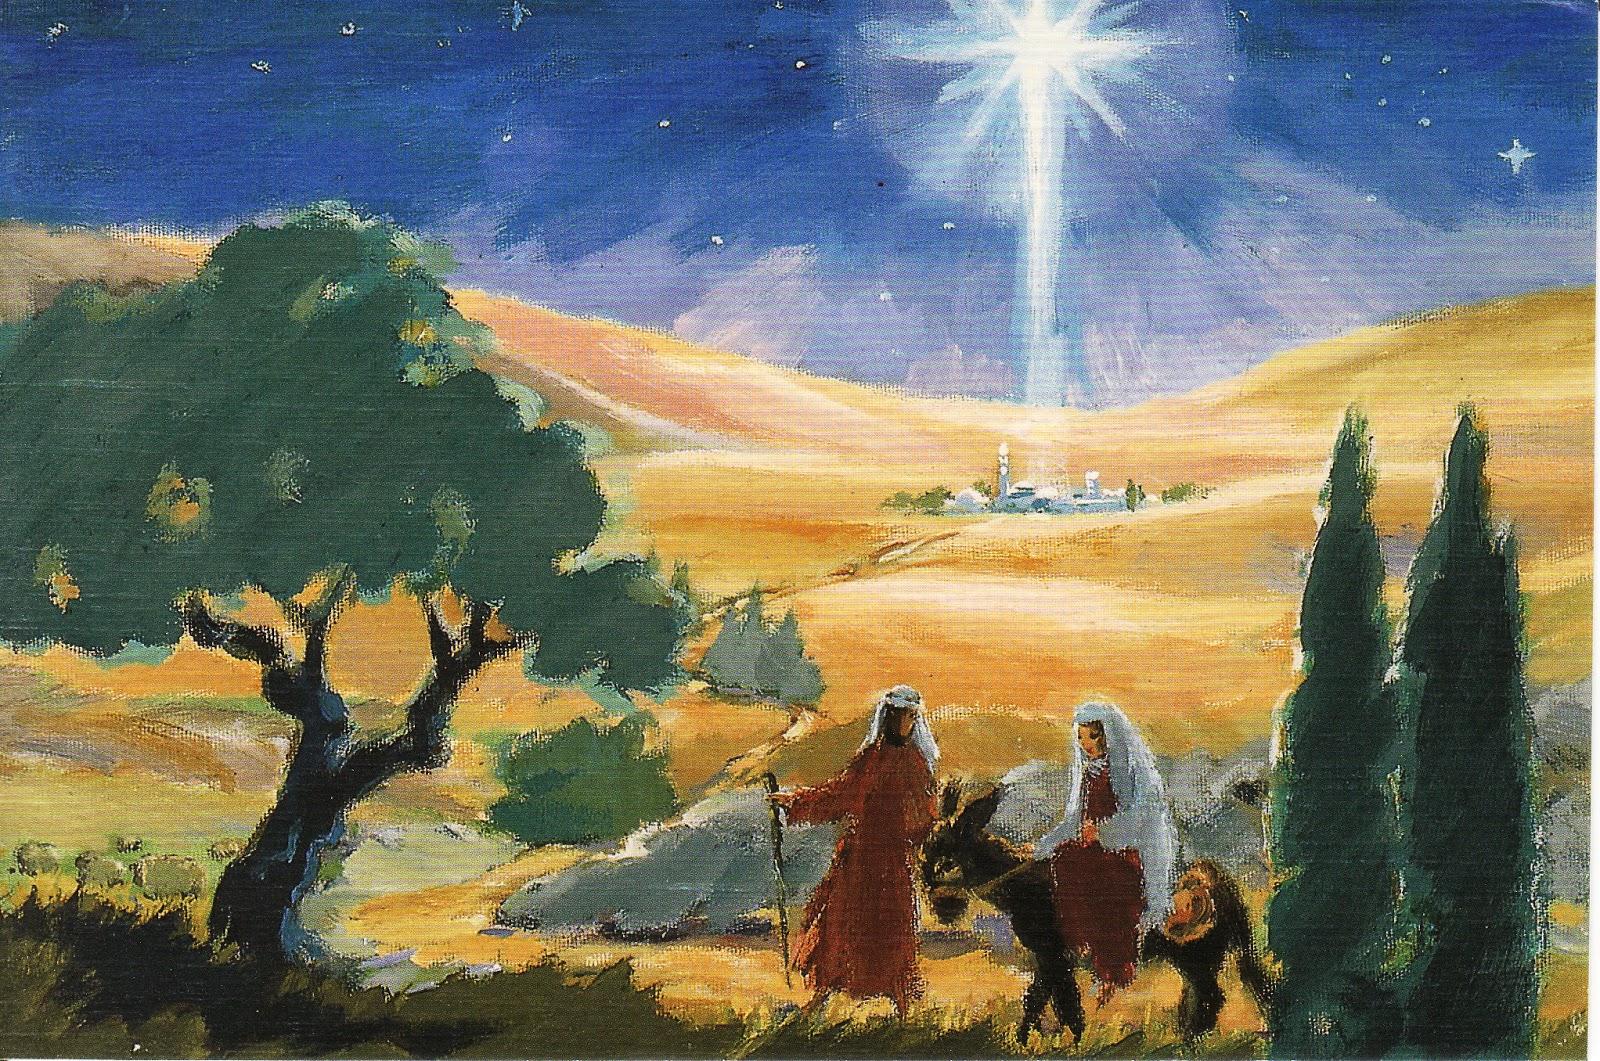 Narración de Catalina Emmerich sobre la Llegada de María y José a Belén y la Búsqueda de Refugio